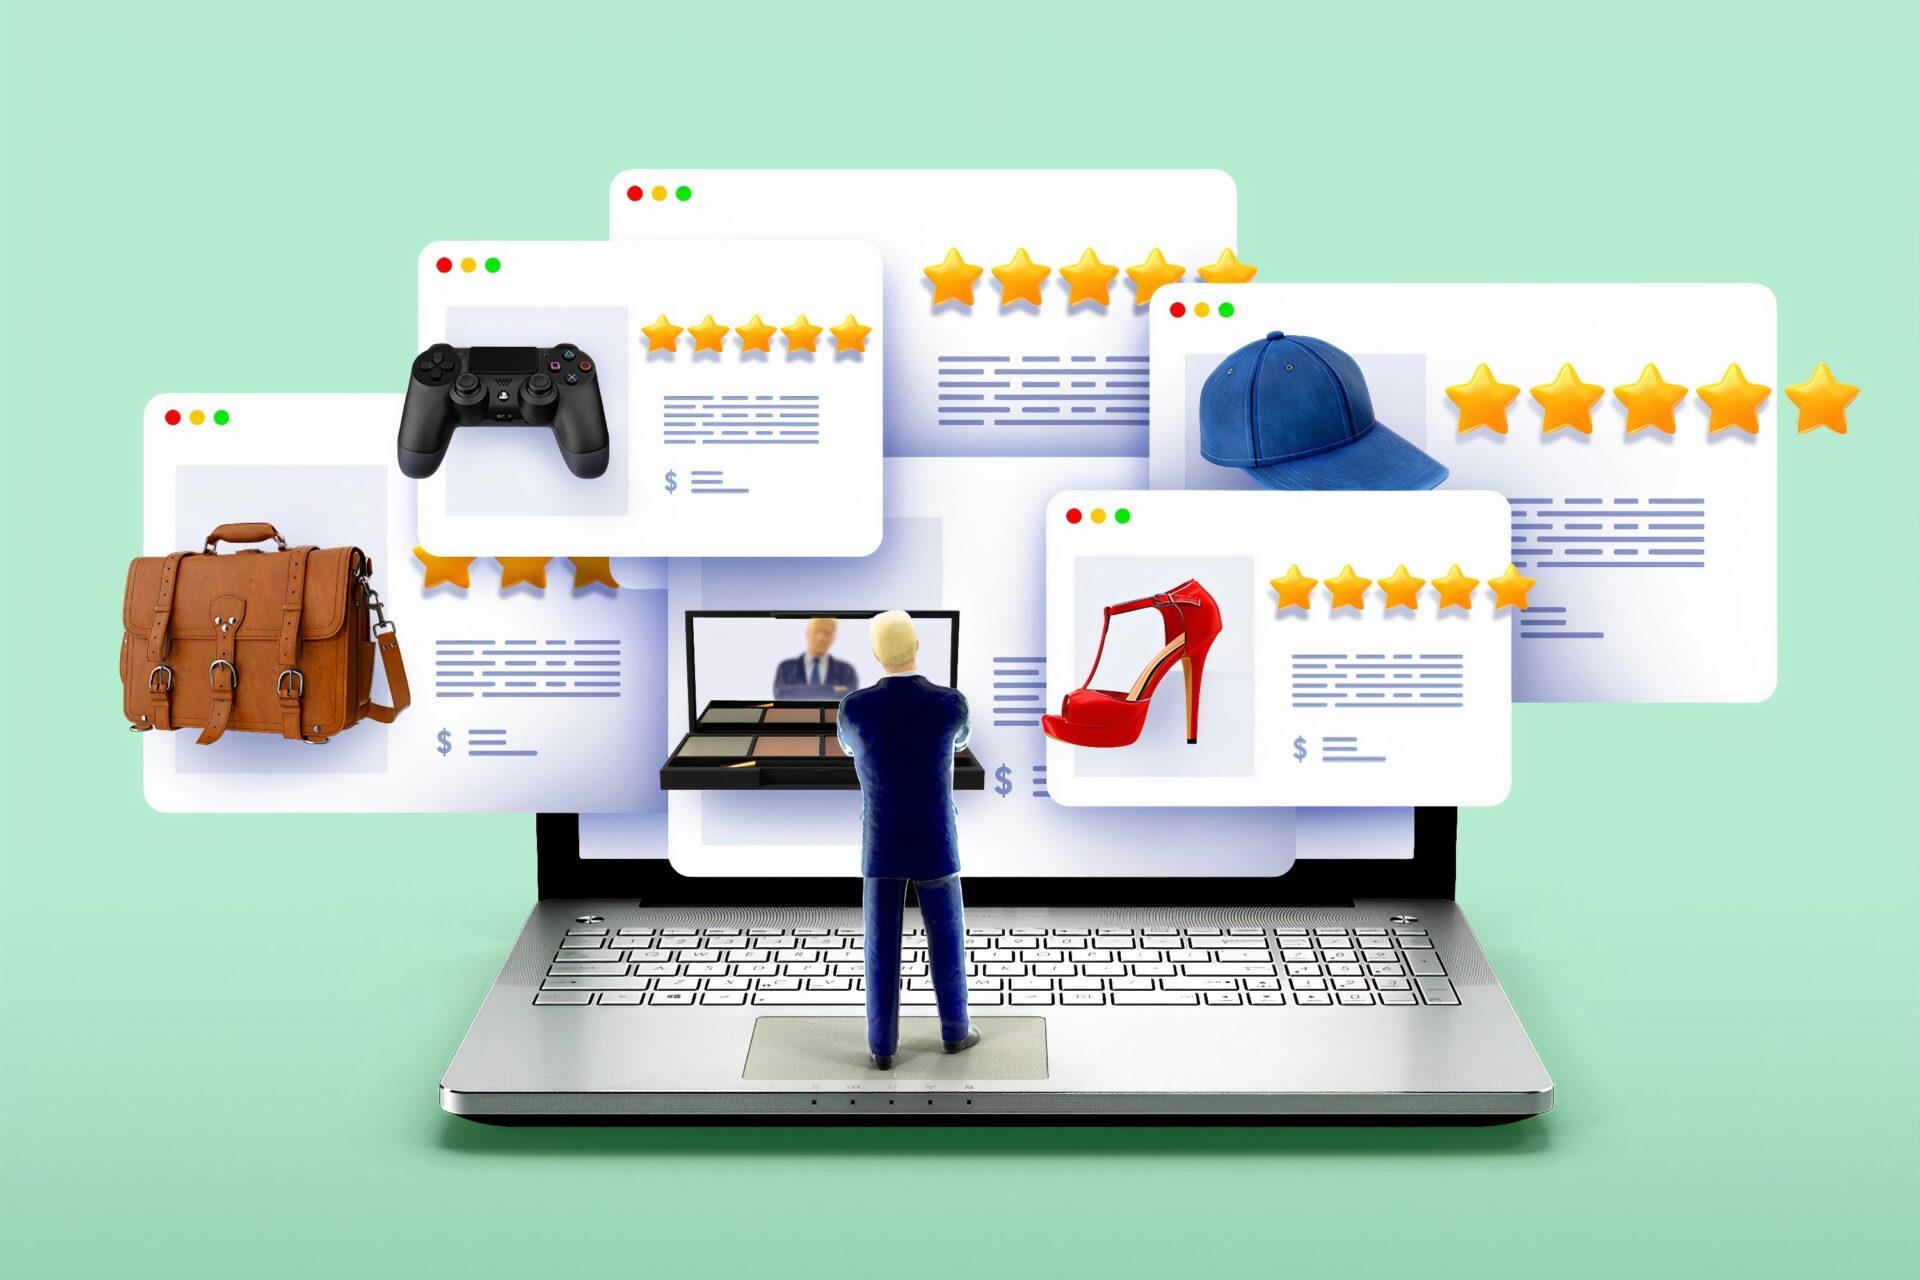 choix grâce aux avis clients sur un marketplace depuis un ordinateur dans le e-commerce